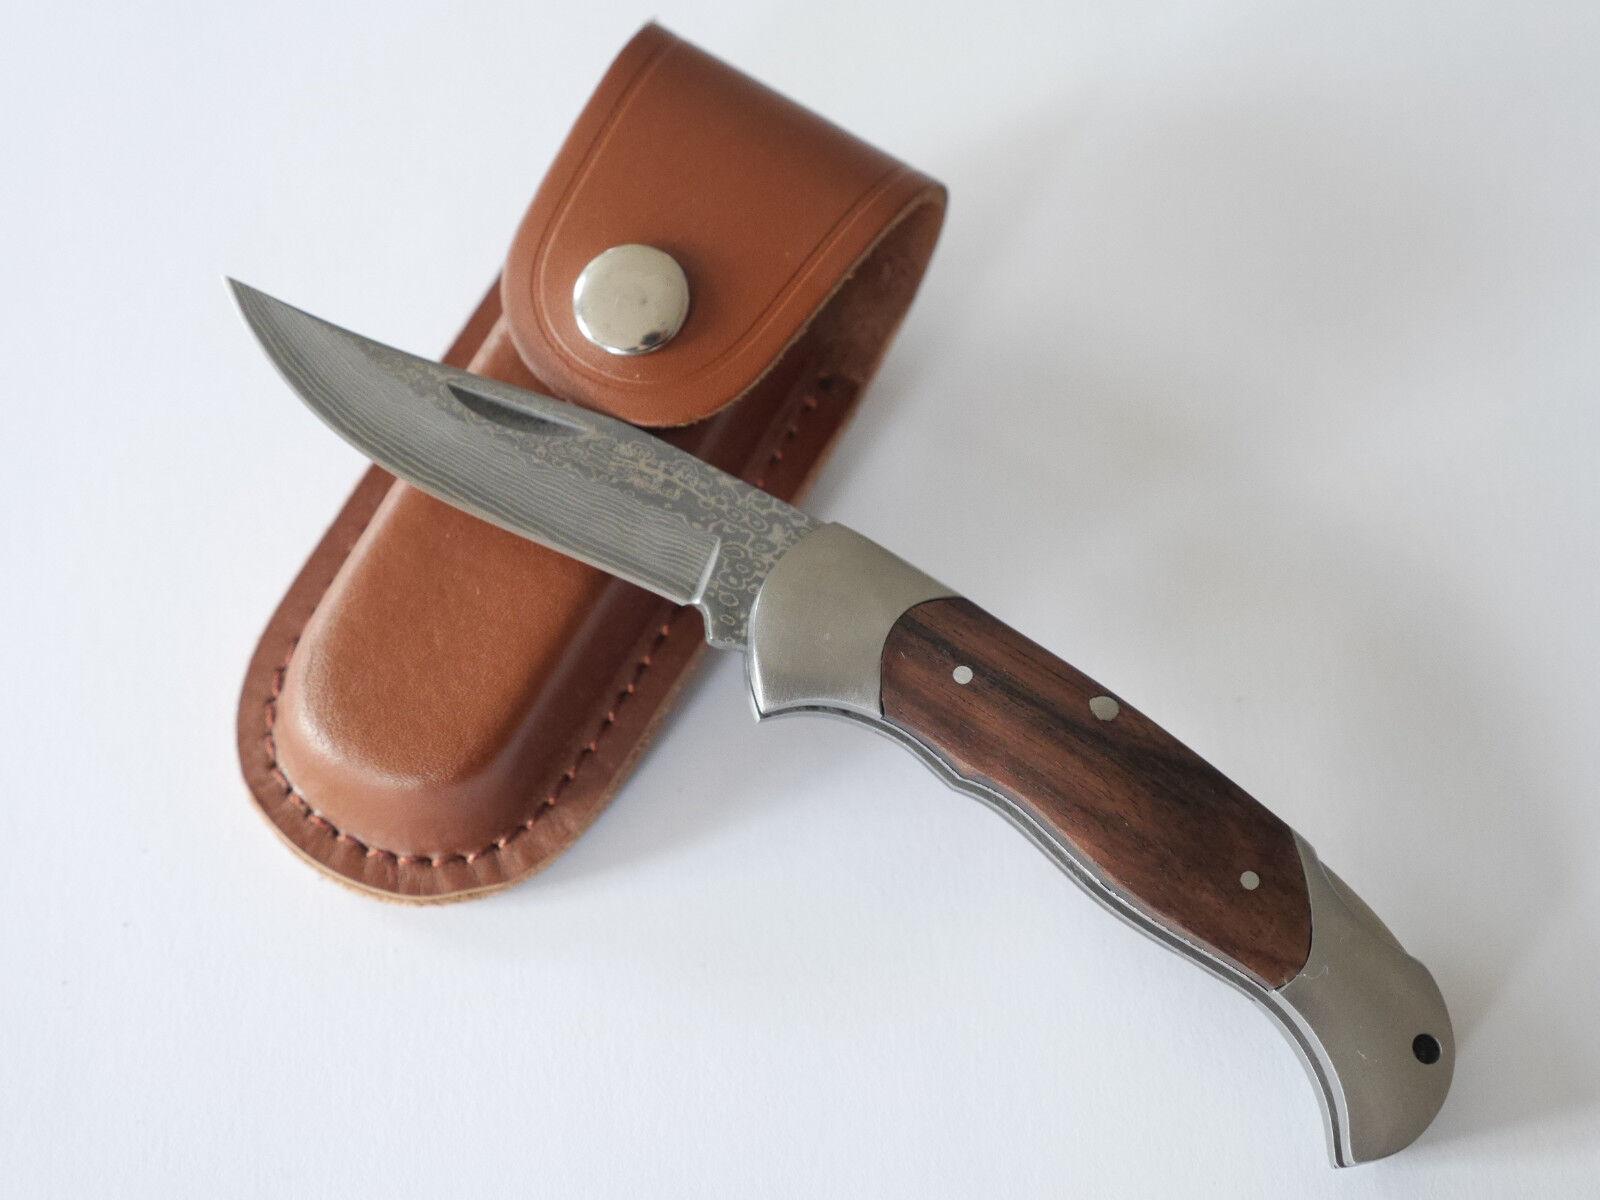 Damast Taschenmesser - Jagdmesser mit Sandelholz - Griff - Top und Neu